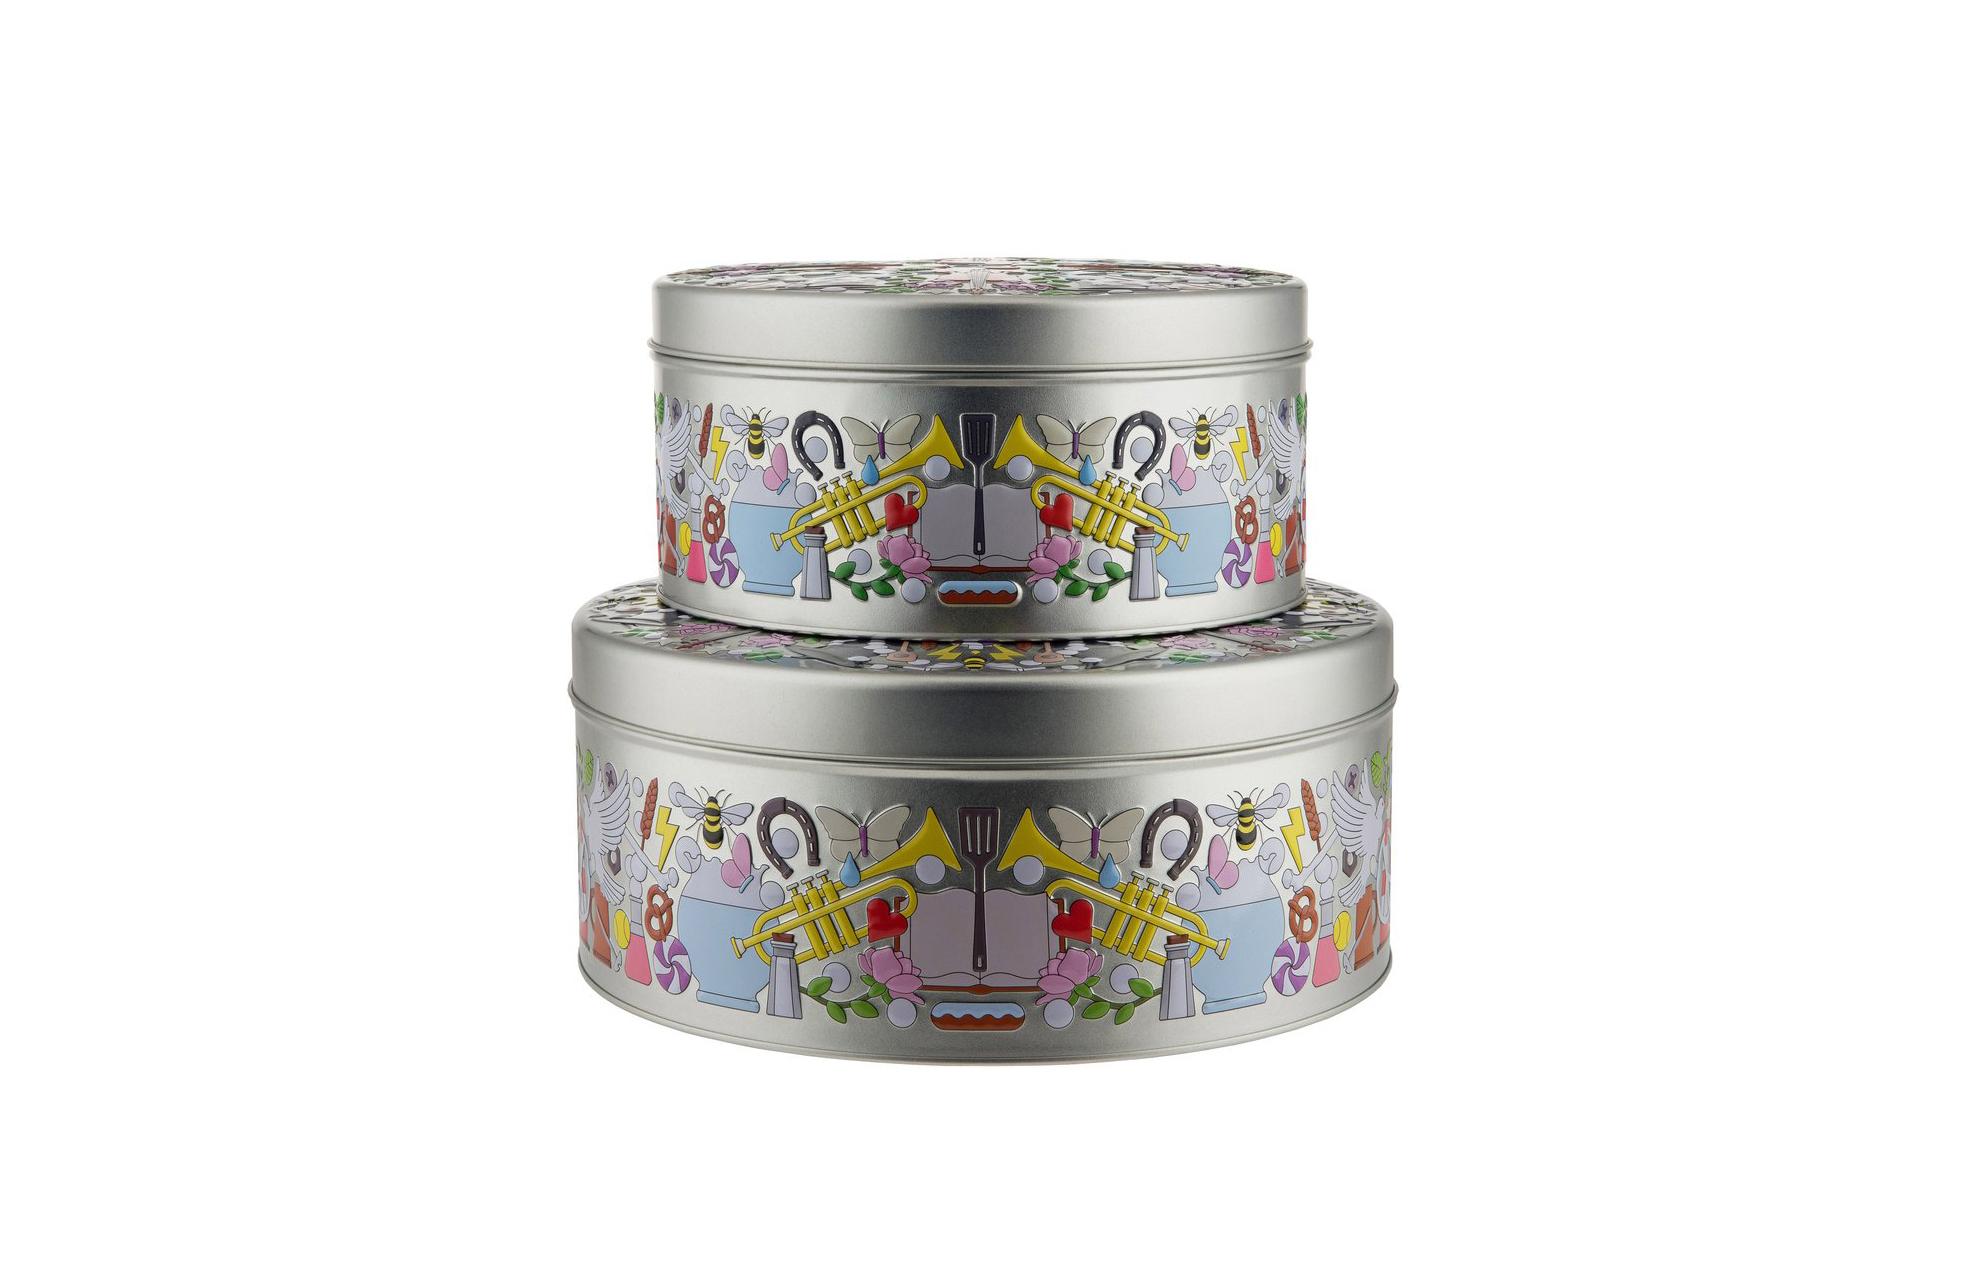 Alessi-Garybaldi-Round-Tin-Boxes-by-Studio-Job-Front_1024x1024